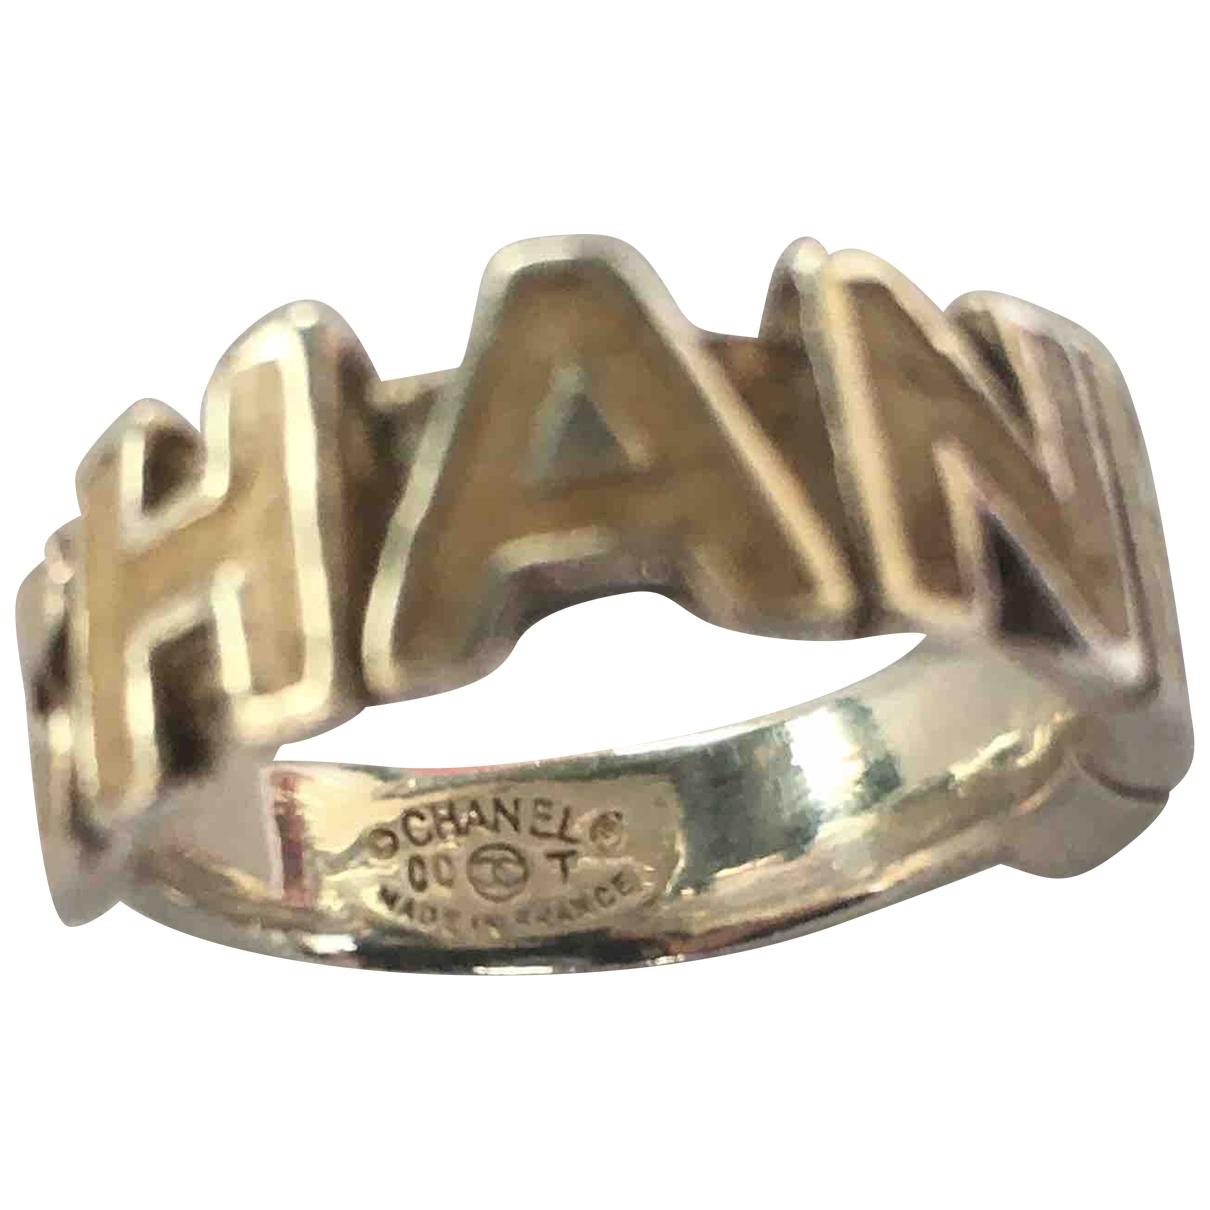 Chanel - Bague CHANEL pour femme en metal - argente